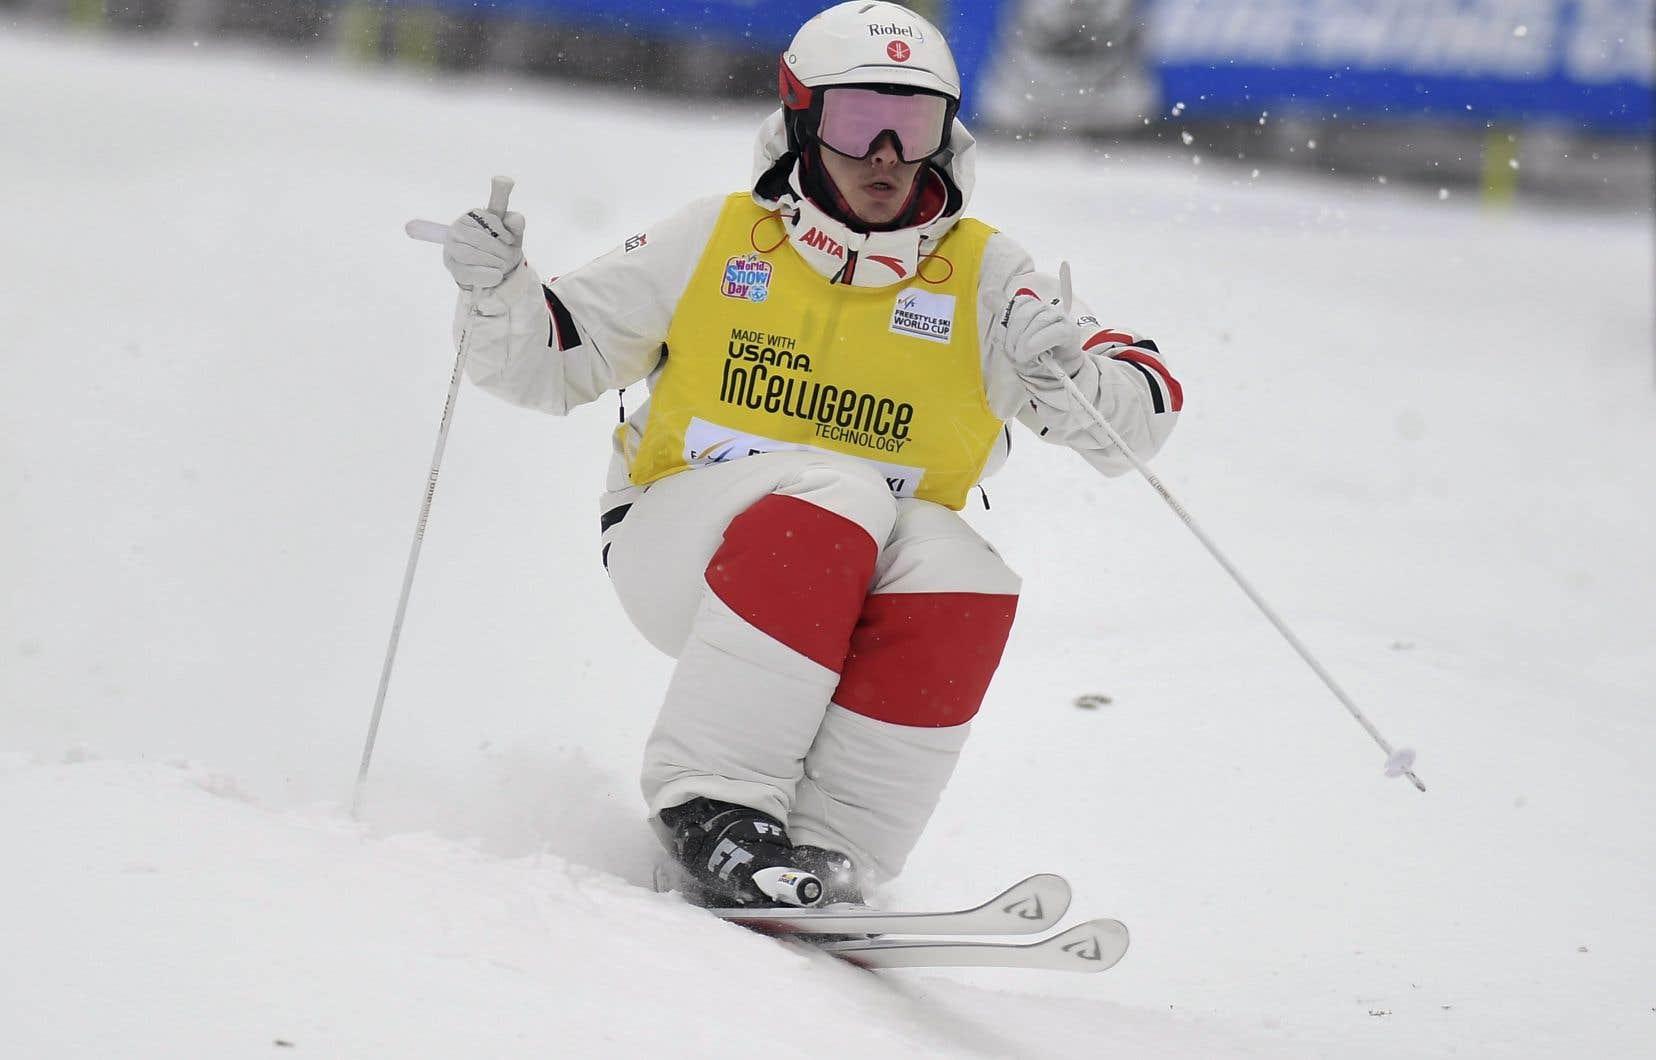 Mikaël Kingsbury lors de la Coupe du monde de ski acrobatique à Lake Placid en janvier 2019